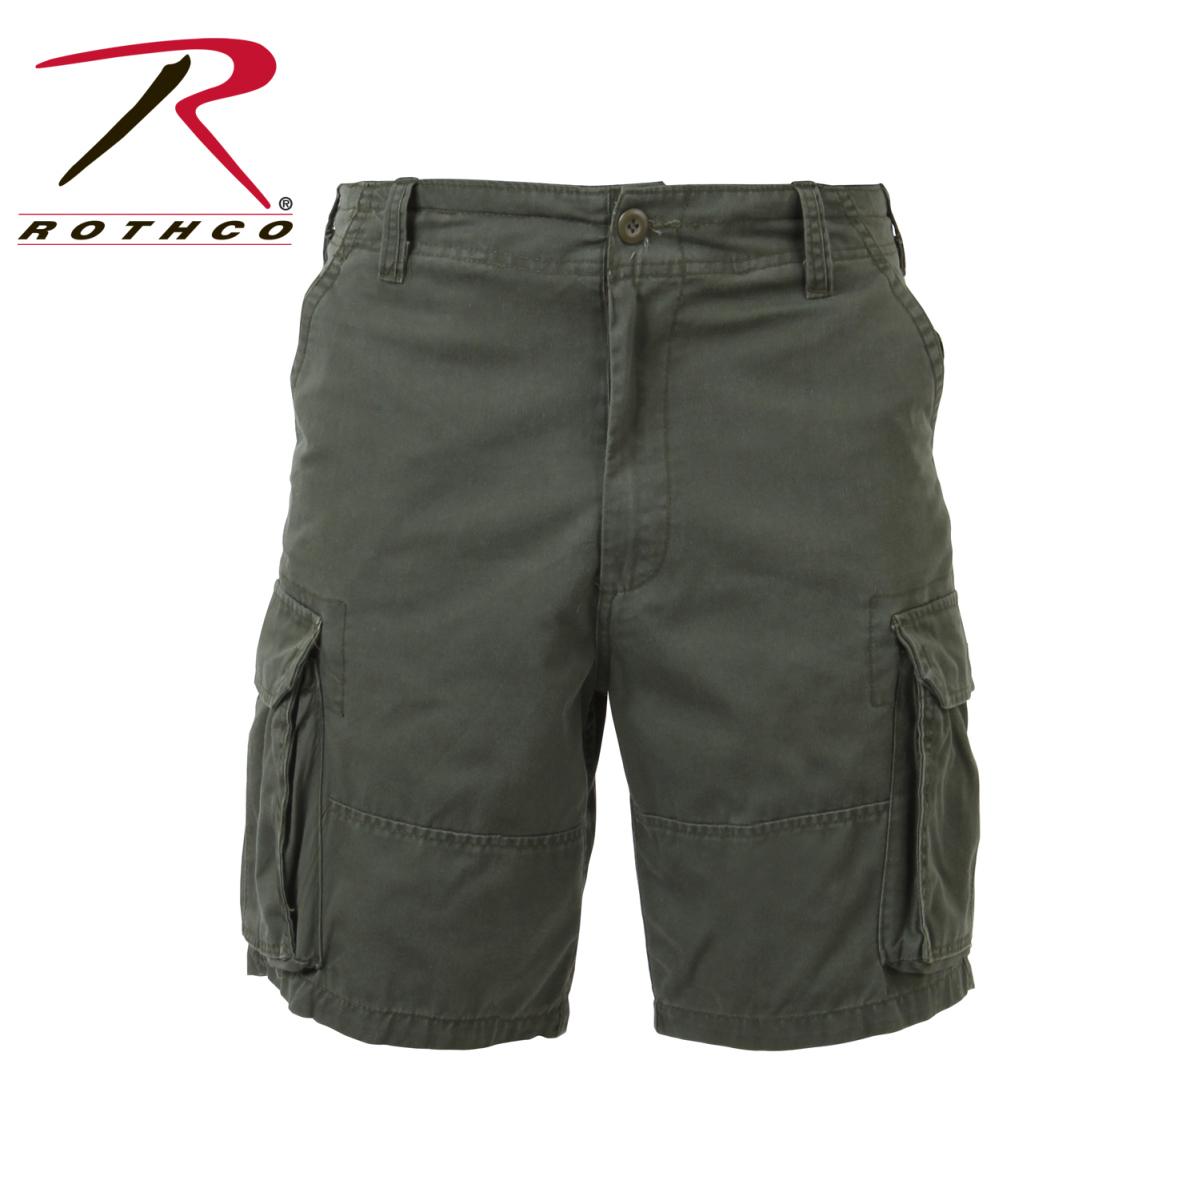 Vintage Fatigue Shorts